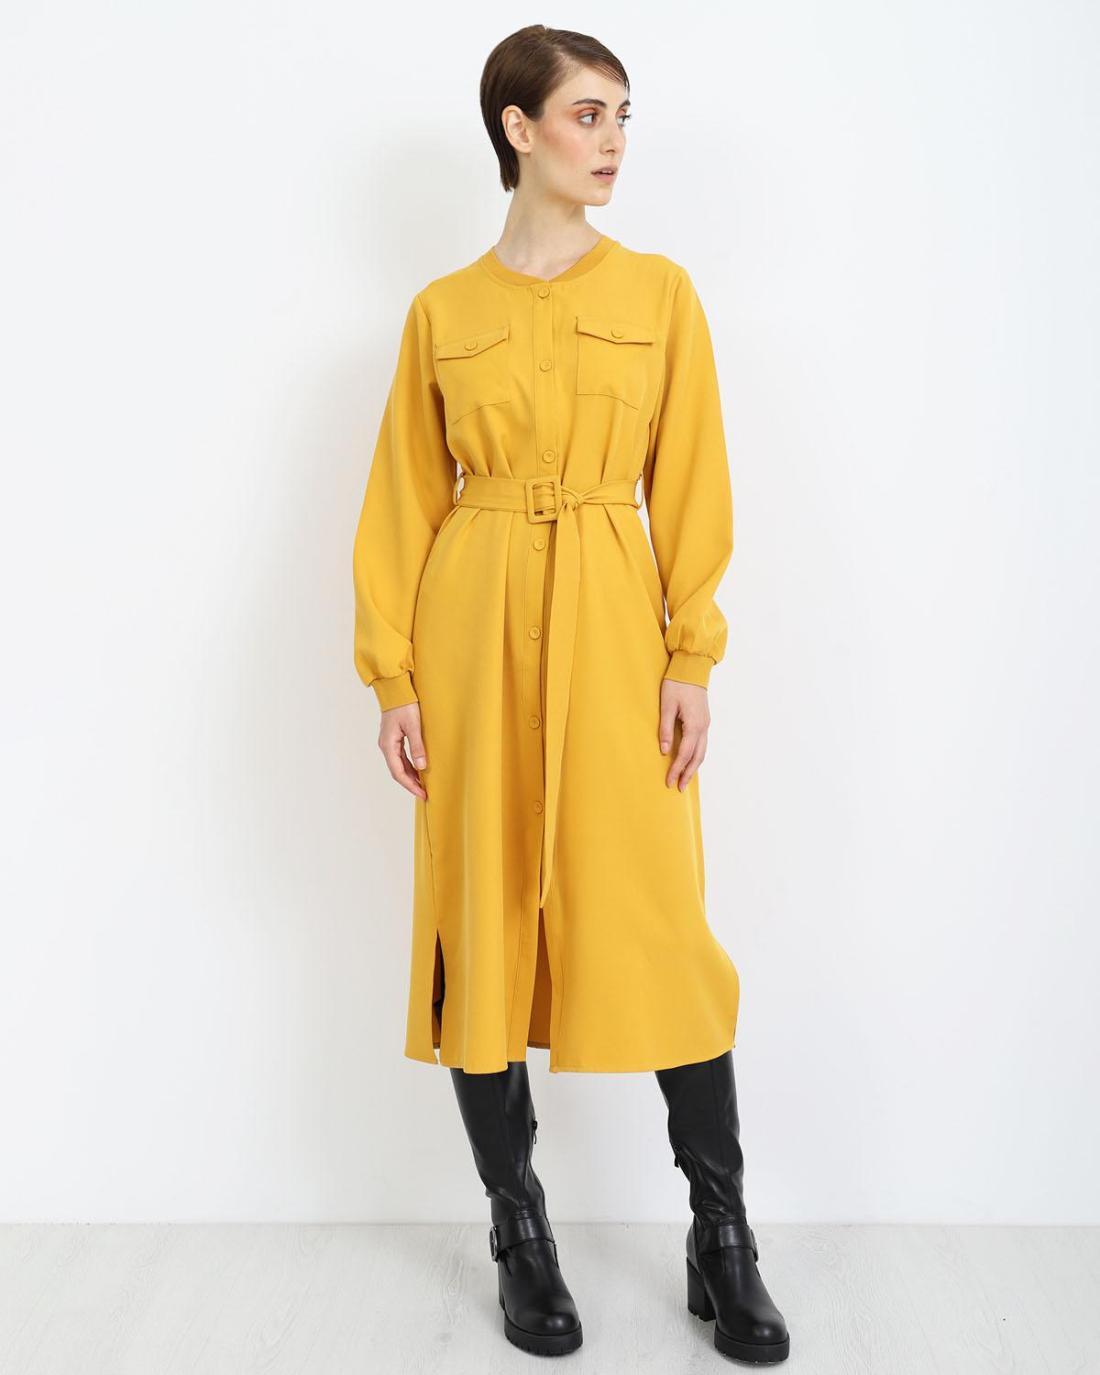 Μίντι φόρεμα κίτρινο